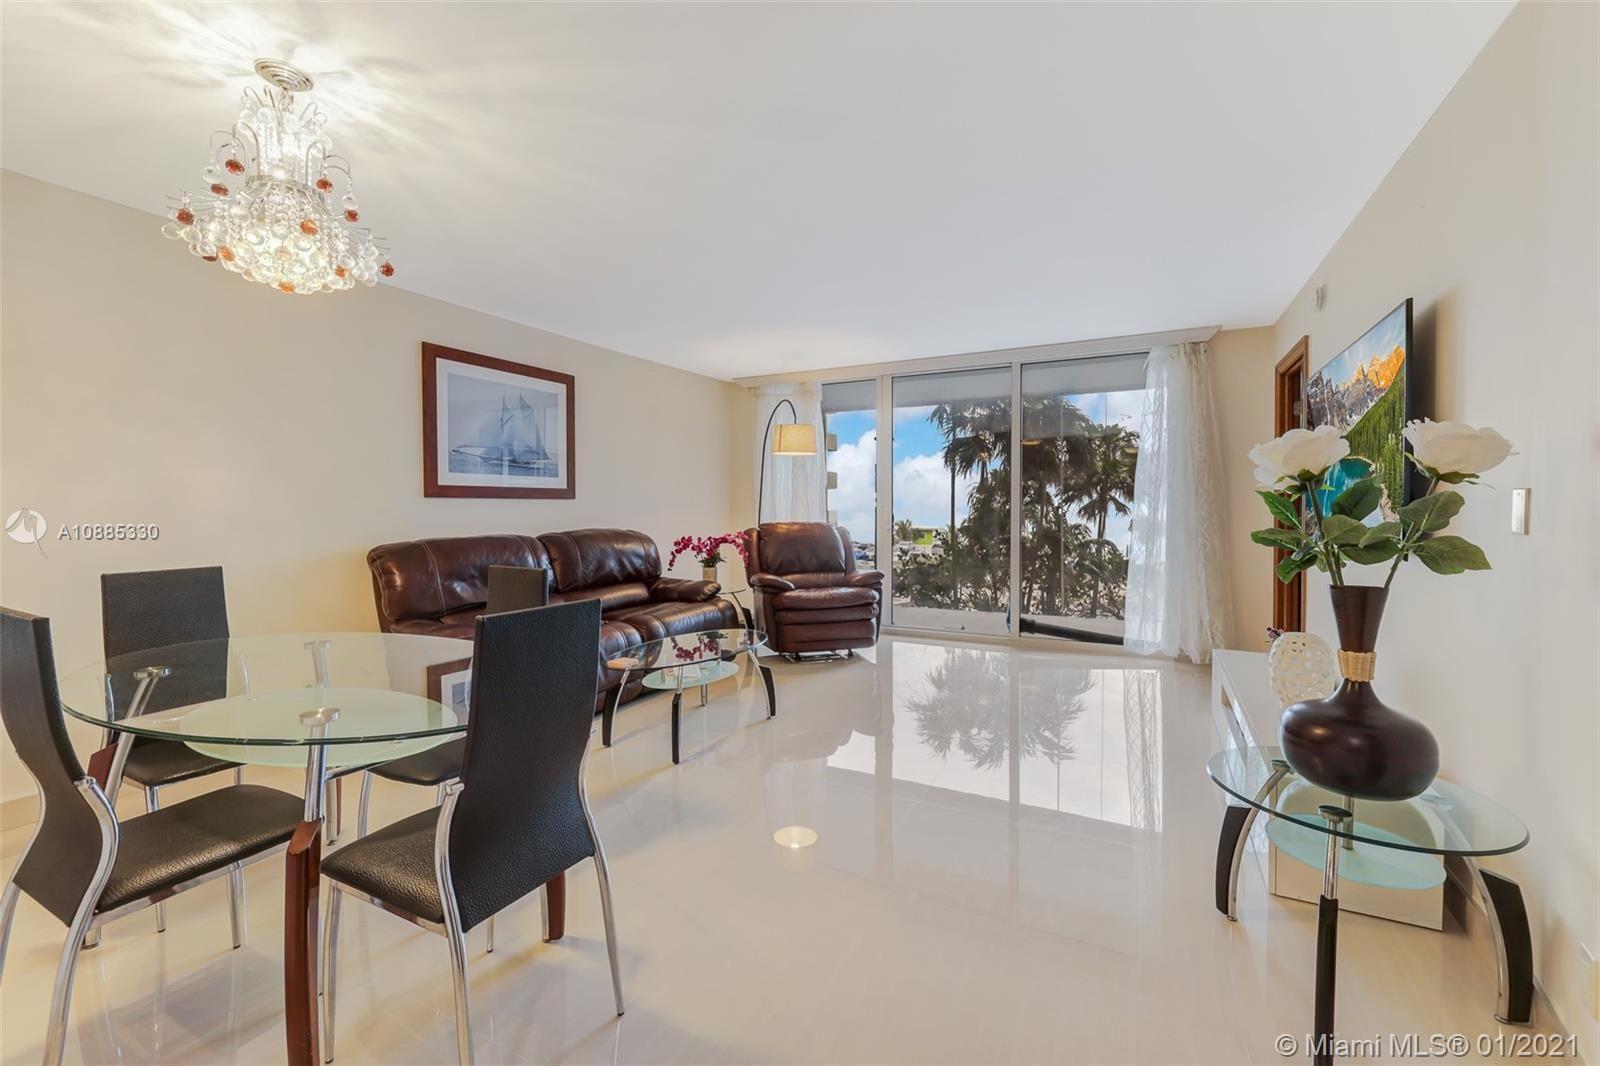 2030 S Ocean Dr #215, Hallandale Beach, FL 33009 - #: A10885330